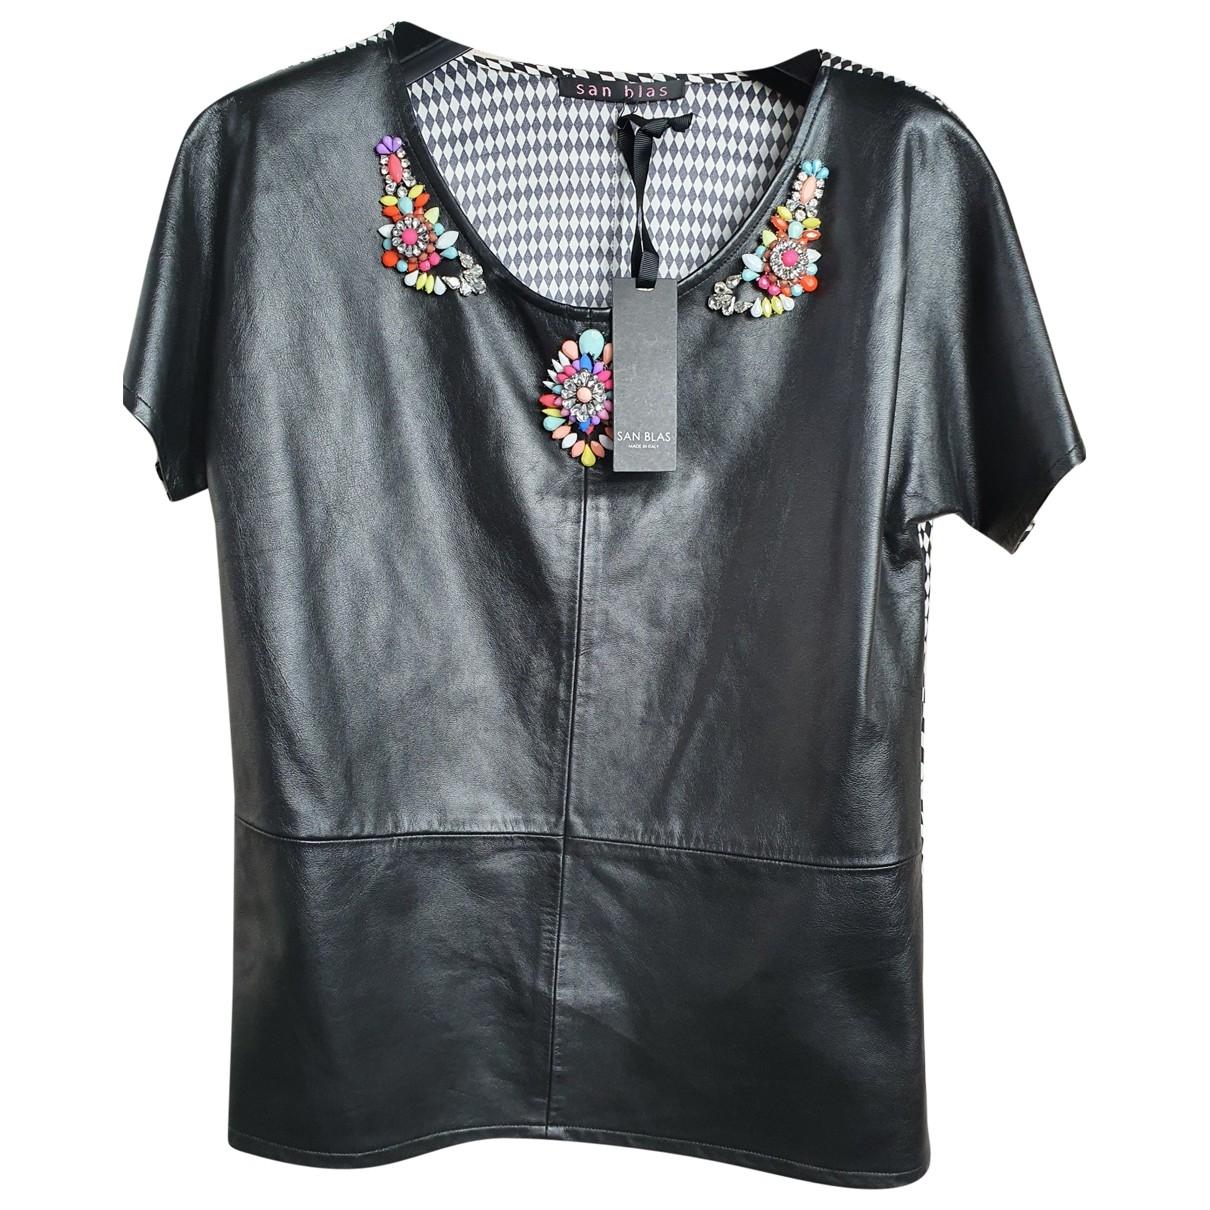 San Blas - Top   pour femme en cuir - noir